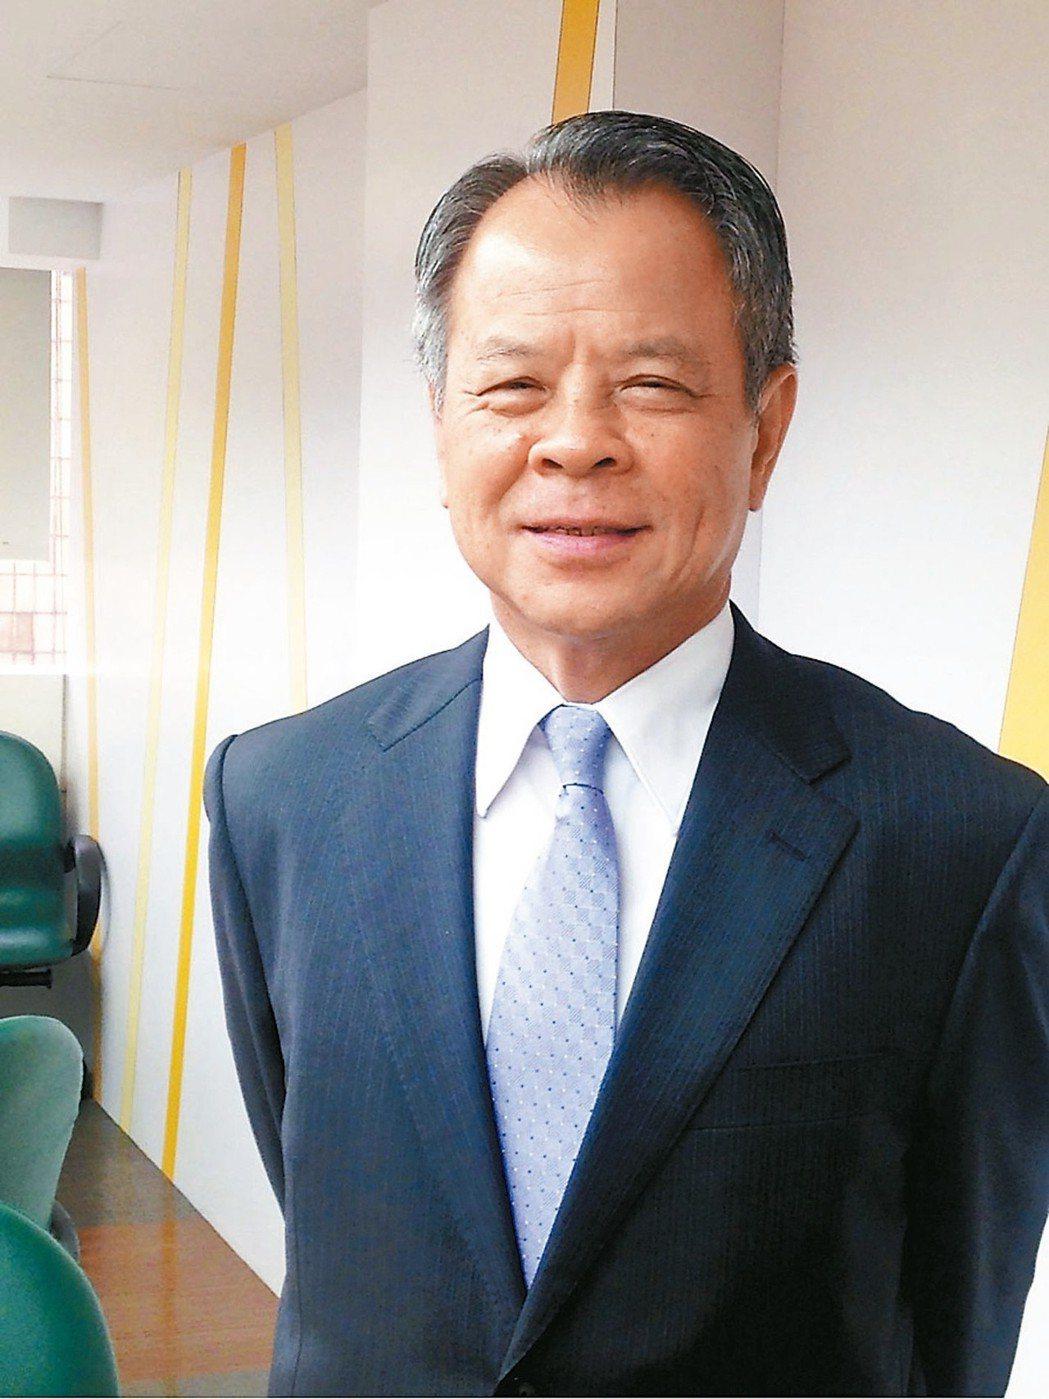 陳燦煌(產險公會理事長)推動農業保險對台灣來講挑戰蠻大的,各縣市政府的財政狀...